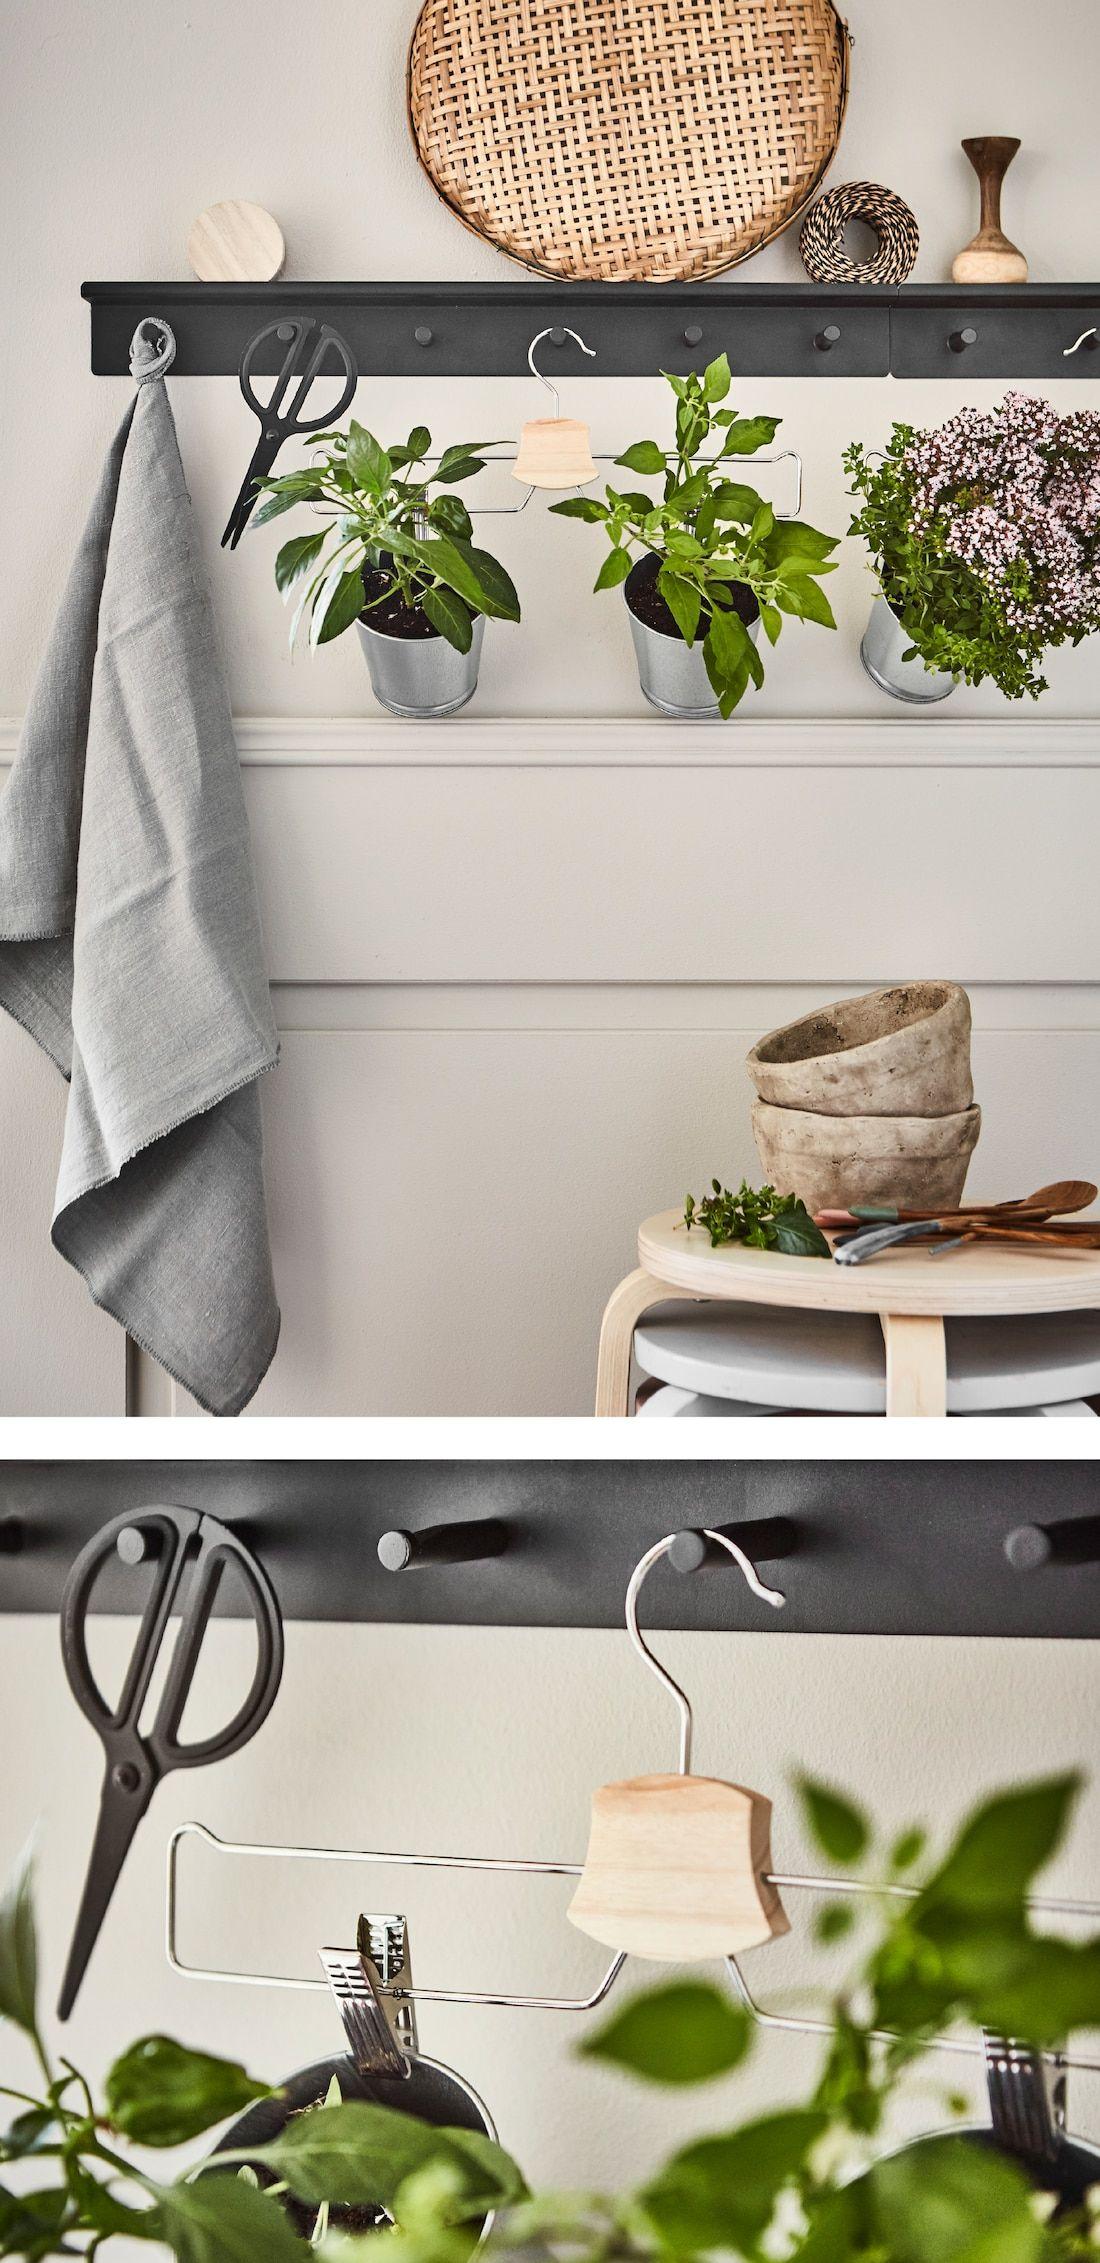 Du suchst nach innovativen Ideen für deinen Küchengarten